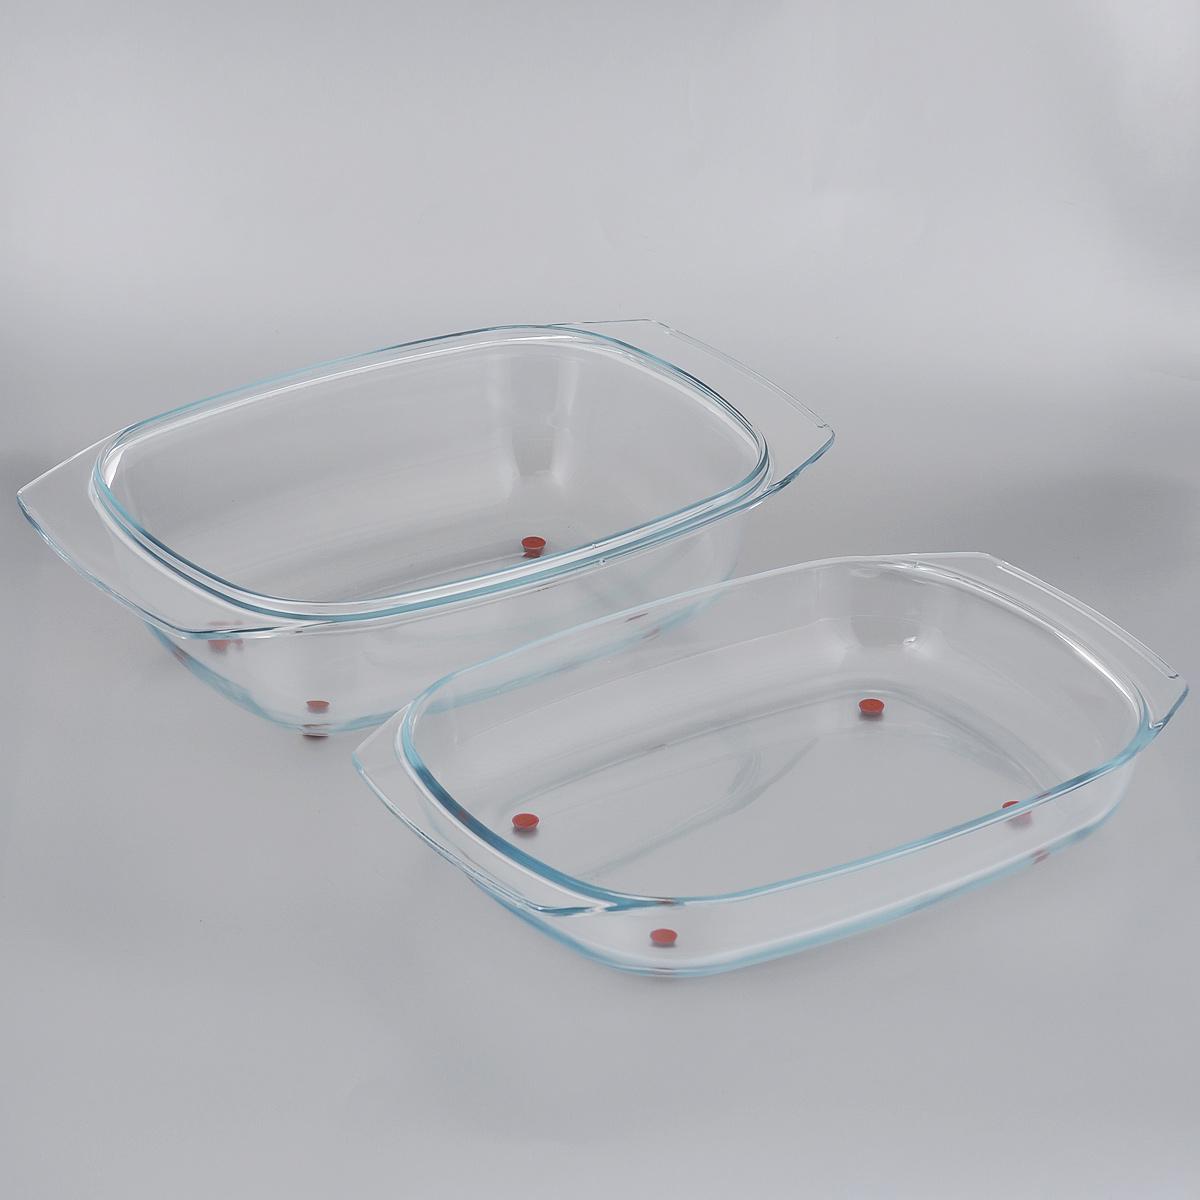 Жаровня Tescoma Delicia Glass с крышкой, 42 см х 26 см629082Массивная жаровня Tescoma Delicia Glass, состоящая из двух частей,изготовлена из жаростойкого боросиликатного стекла. Основание и крышка жаровни оснащены ножками из высококачественного силикона, поэтому их можно ставить прямо из духовки на стол без риска повреждения поверхности. Жаровня снабжена удобными ручками. Обе части изделия можно использовать как две отдельные жаровни, низкую и глубокую.Подходит для всех типов печей, холодильников и посудомоечных машин.